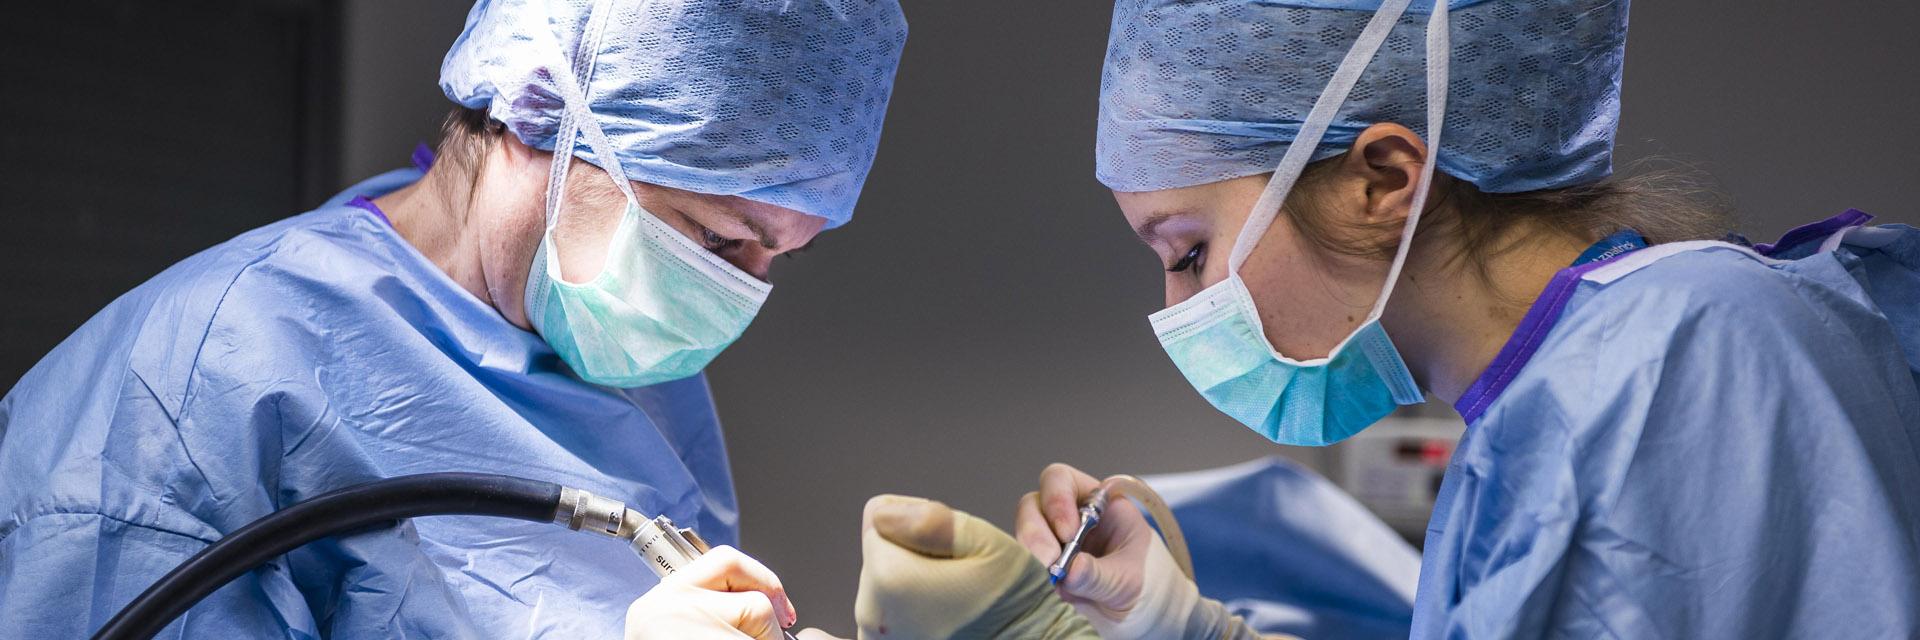 Neurology Service Fitzpatrick Referrals